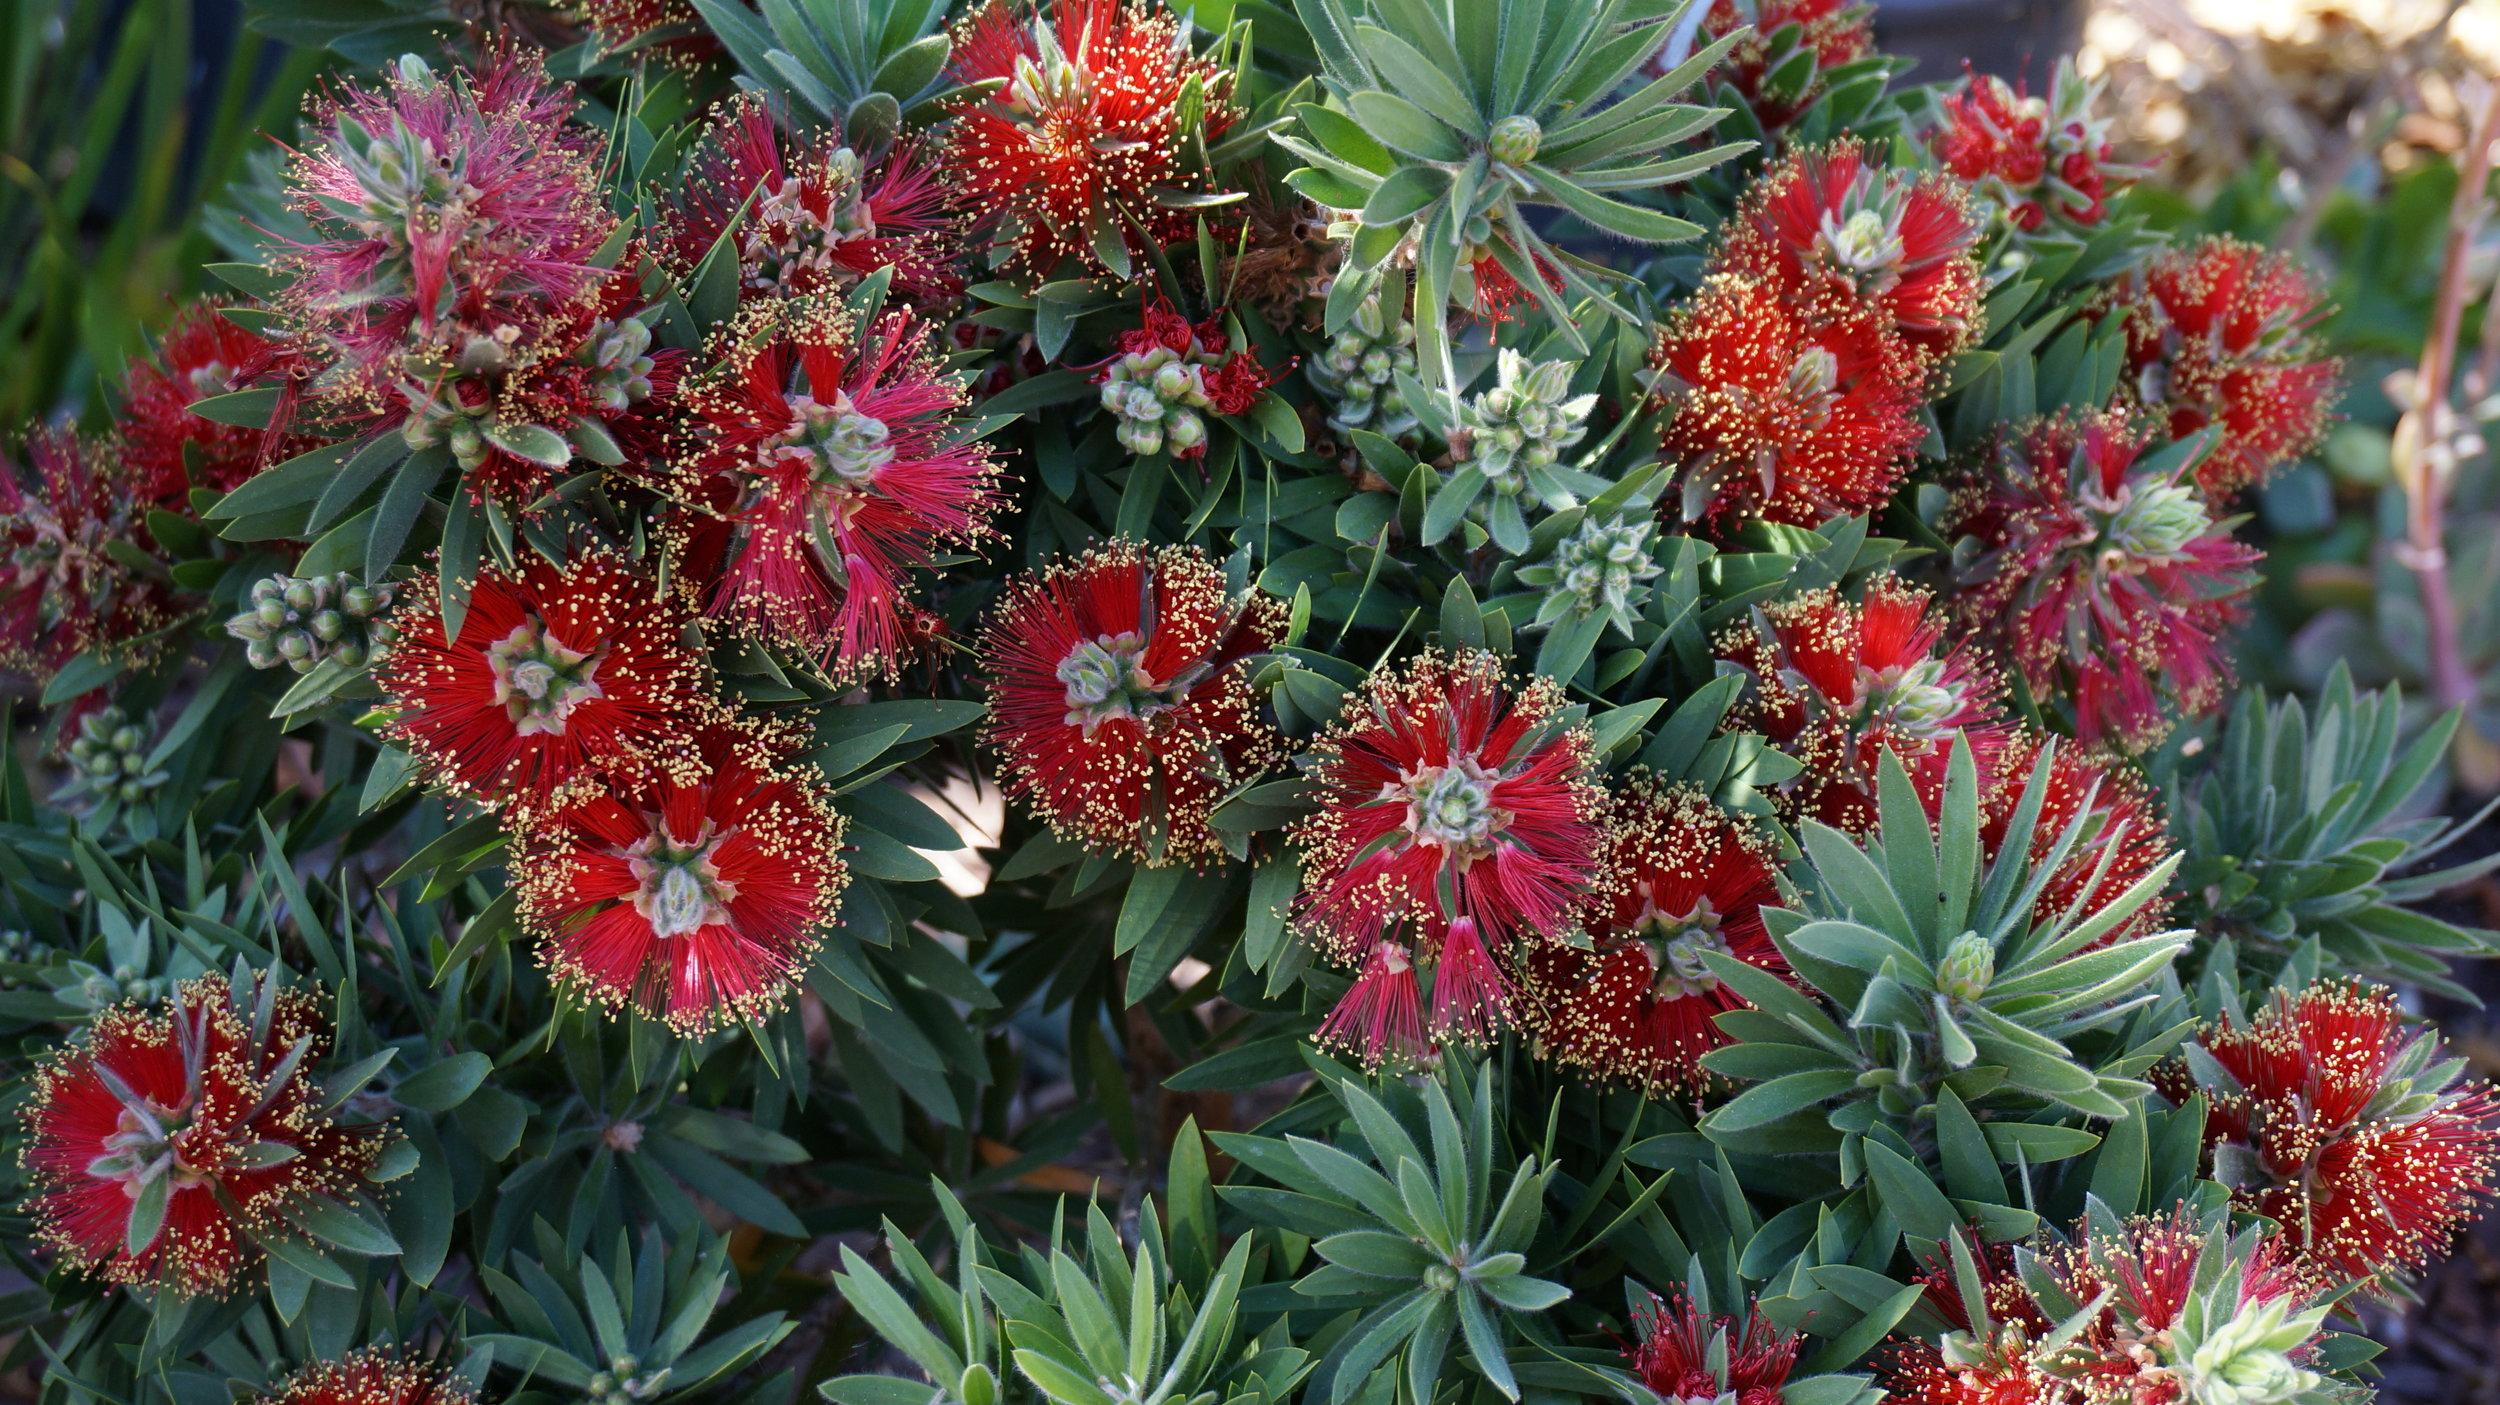 redflowergroup.jpg